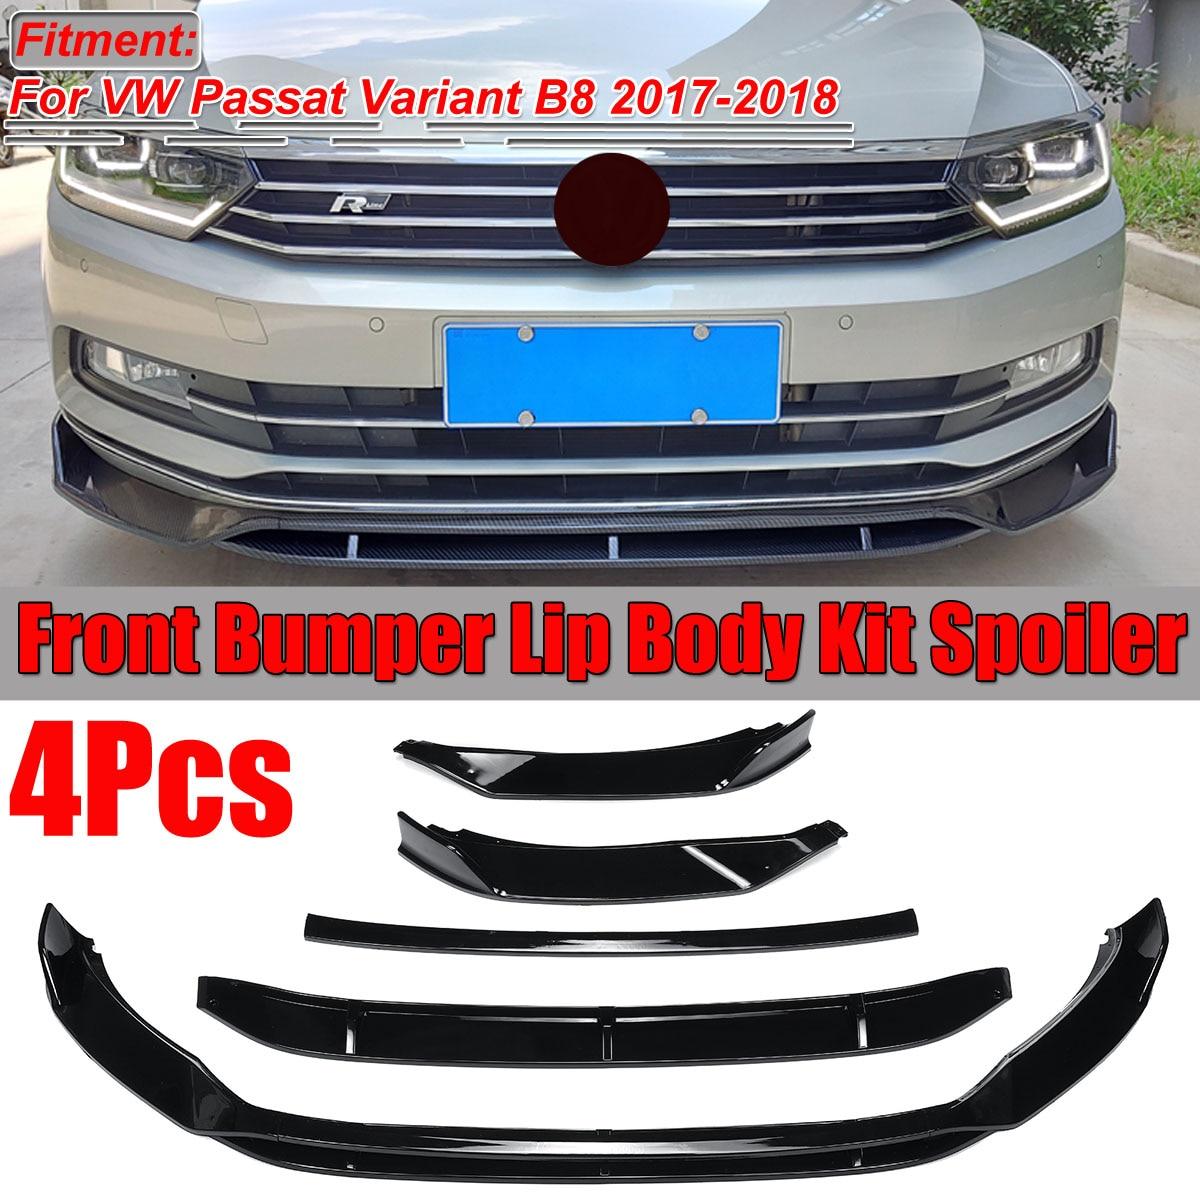 4Pcs Carbon Fiber Look / Black Car Front Bumper Splitter Lip Spoiler Diffuser Cover Protector For VW Passat Variant B8 2017-2018